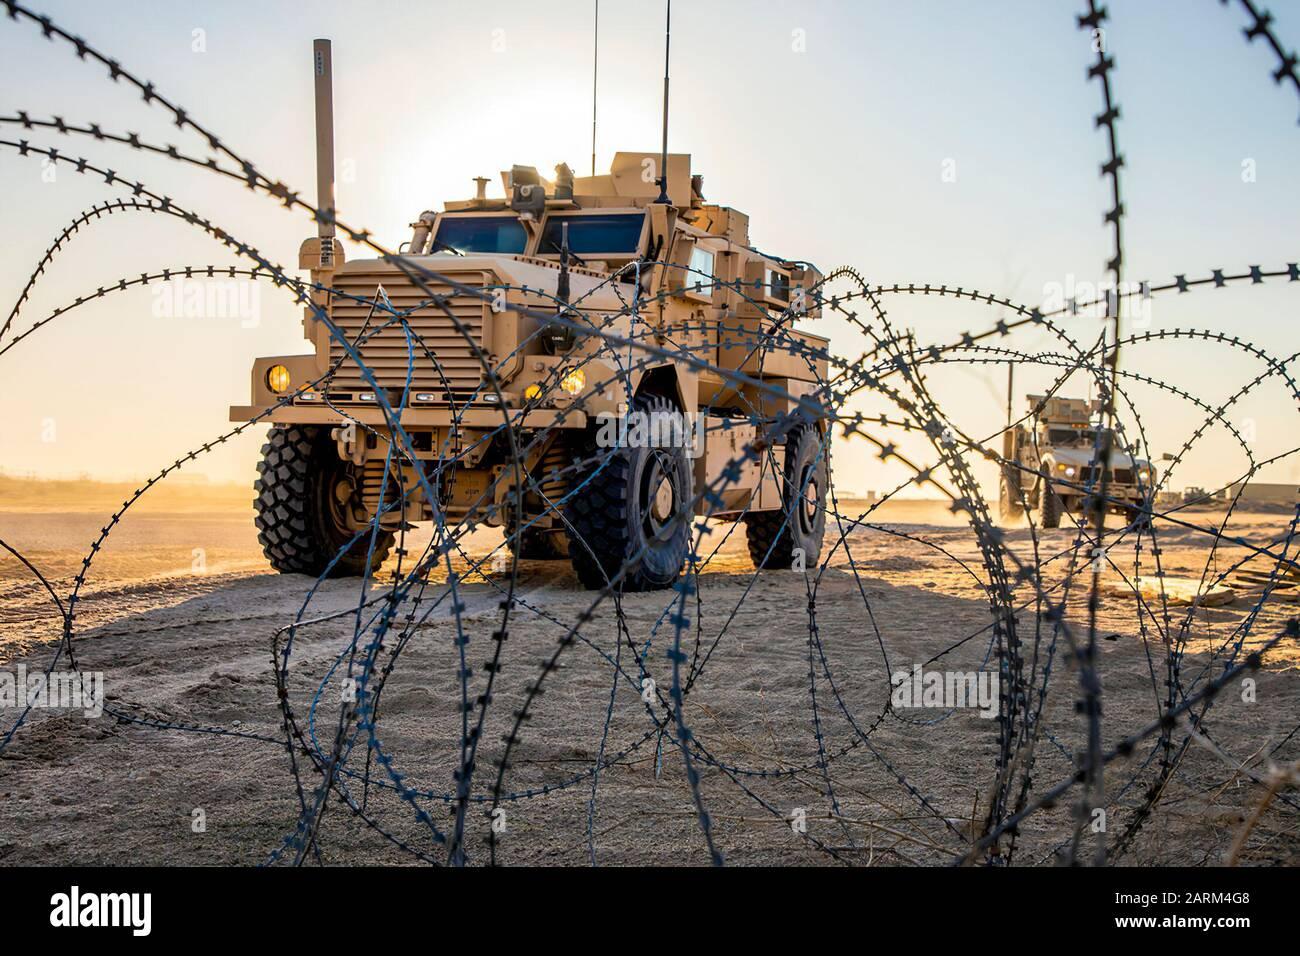 Marines des États-Unis avec le 2ème Bataillon, 7ème marines, affecté à l'équipe spéciale Air-Ground marine à but spécial – intervention En Cas De Crise – Commandement central (SPMAGTF-CR-CC) 19.2, conduire Des Véhicules Tout-terrain protégés contre les mines Ambush (véhicules M-ATV) pendant un parcours de conduite tactique au Koweït, le 21 décembre 2019. Le SPMAGTF-CR-CC est une force de réaction rapide, prête à déployer une variété de capacités dans toute la région. (ÉTATS-UNIS Photo du corps marin par Sgt. Kyle C. Talbot) Banque D'Images